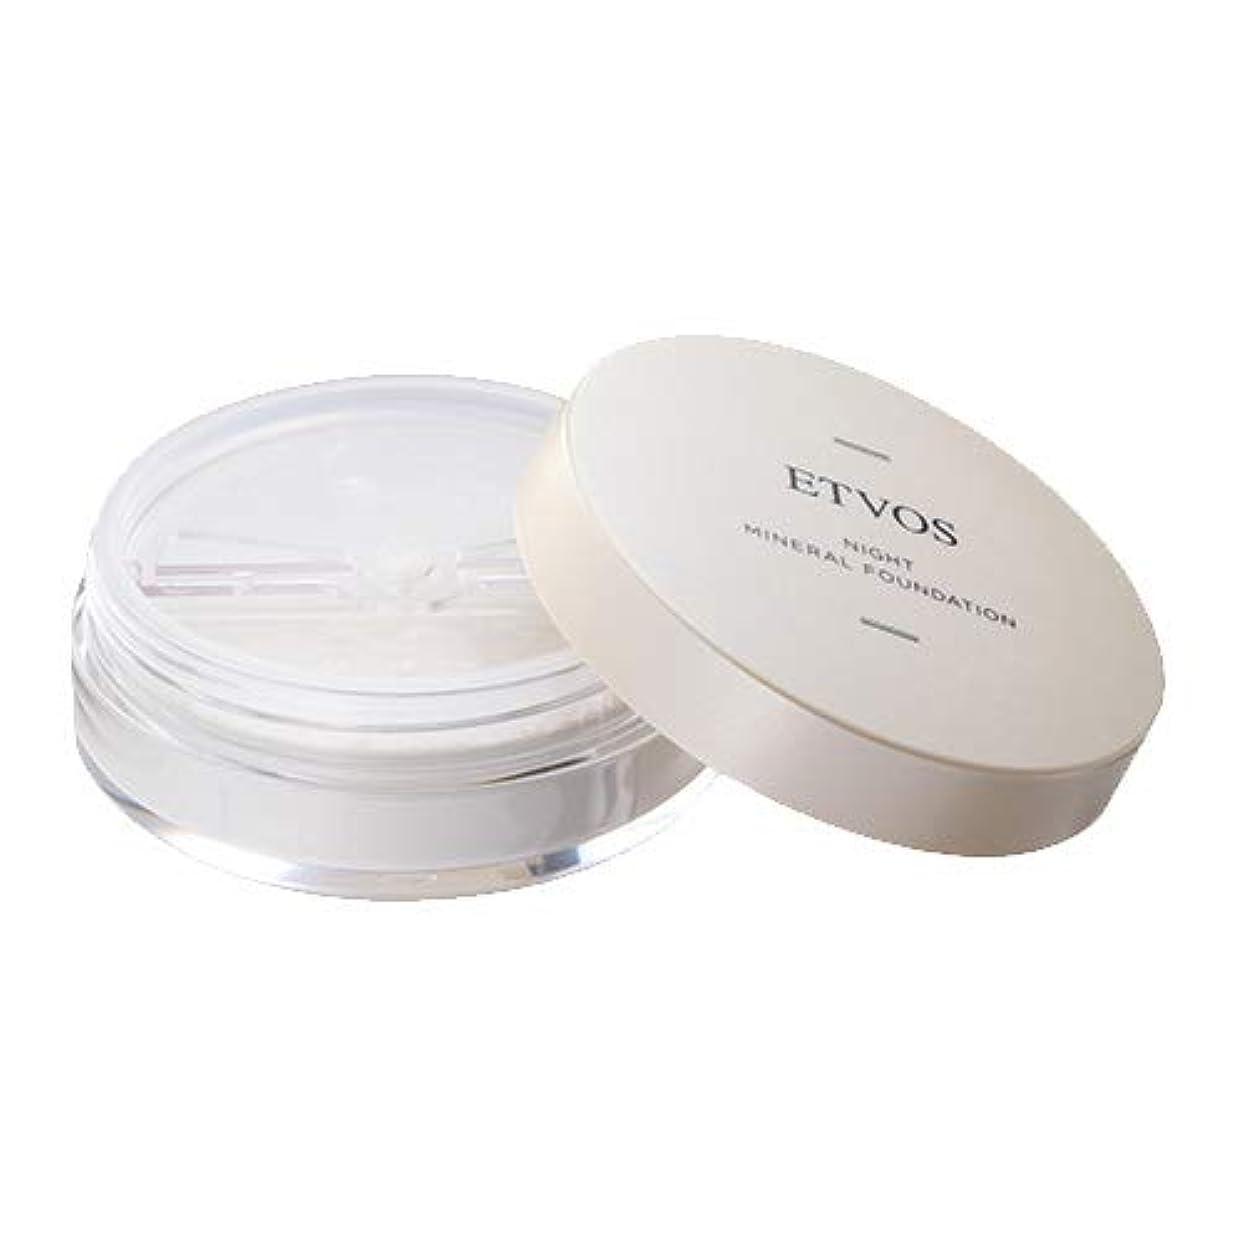 マトンボス締めるETVOS(エトヴォス) 夜用化粧下地 ナイトミネラルファンデーション 5g フェイスパウダー 皮脂吸着/崩れ防止